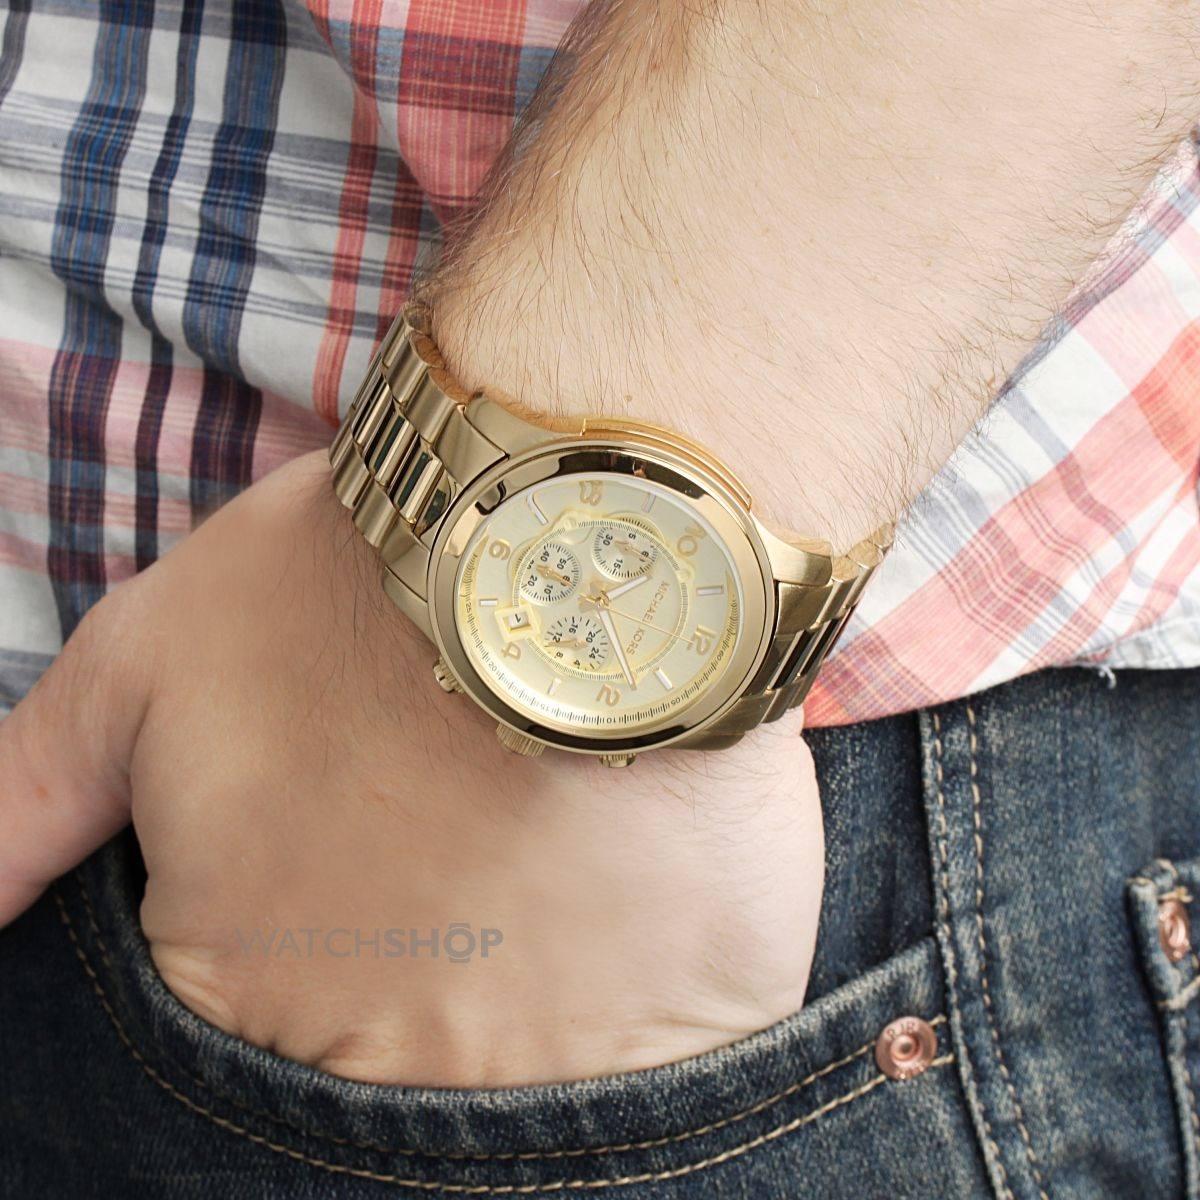 e599e804b Relógio Michael Kors Mk8077 Oversized Unissex Dourado - R$ 989,00 ...